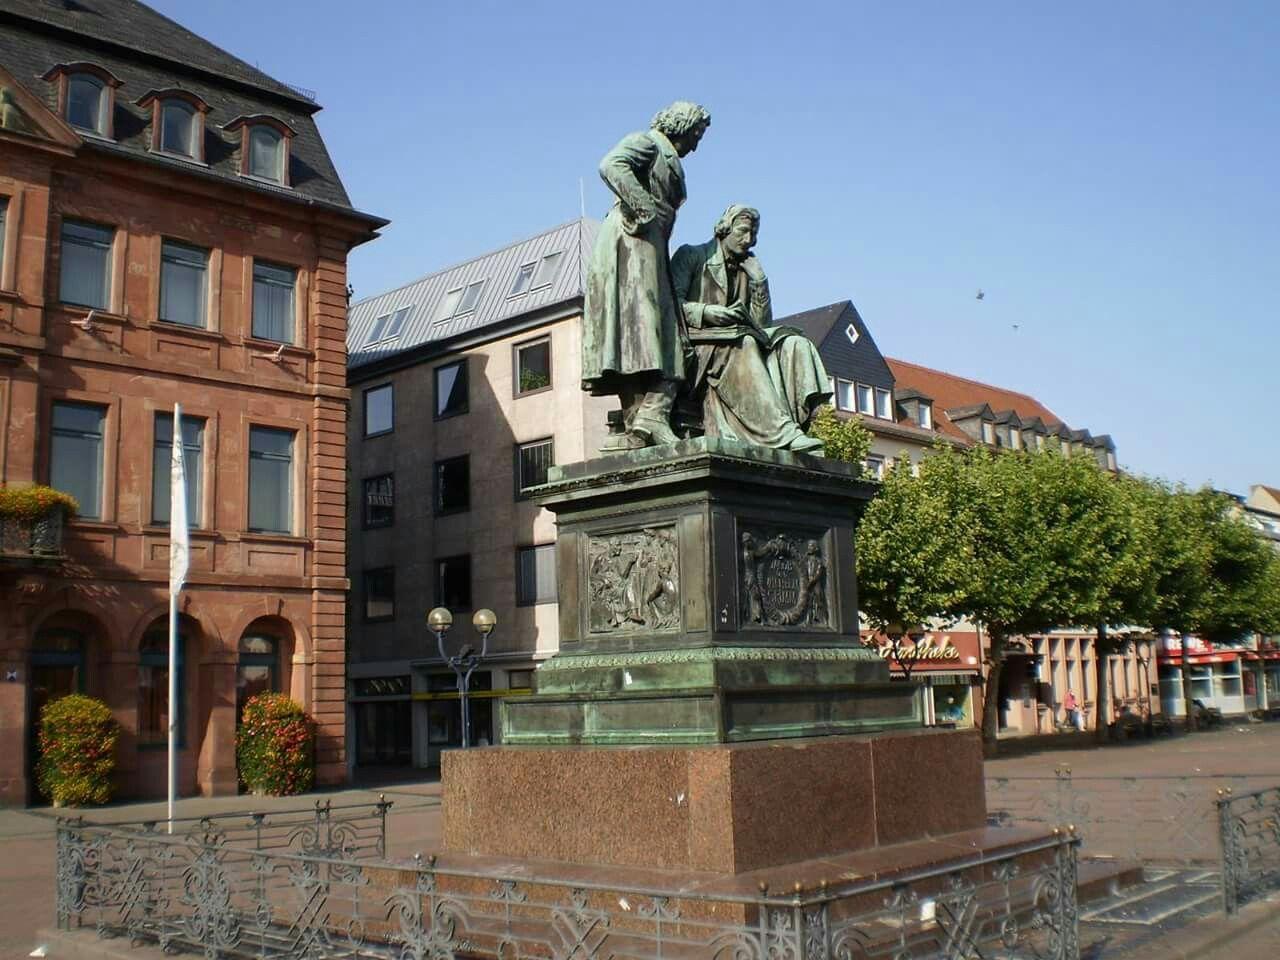 Die Brüder Grimm auf dem  Marktplatz